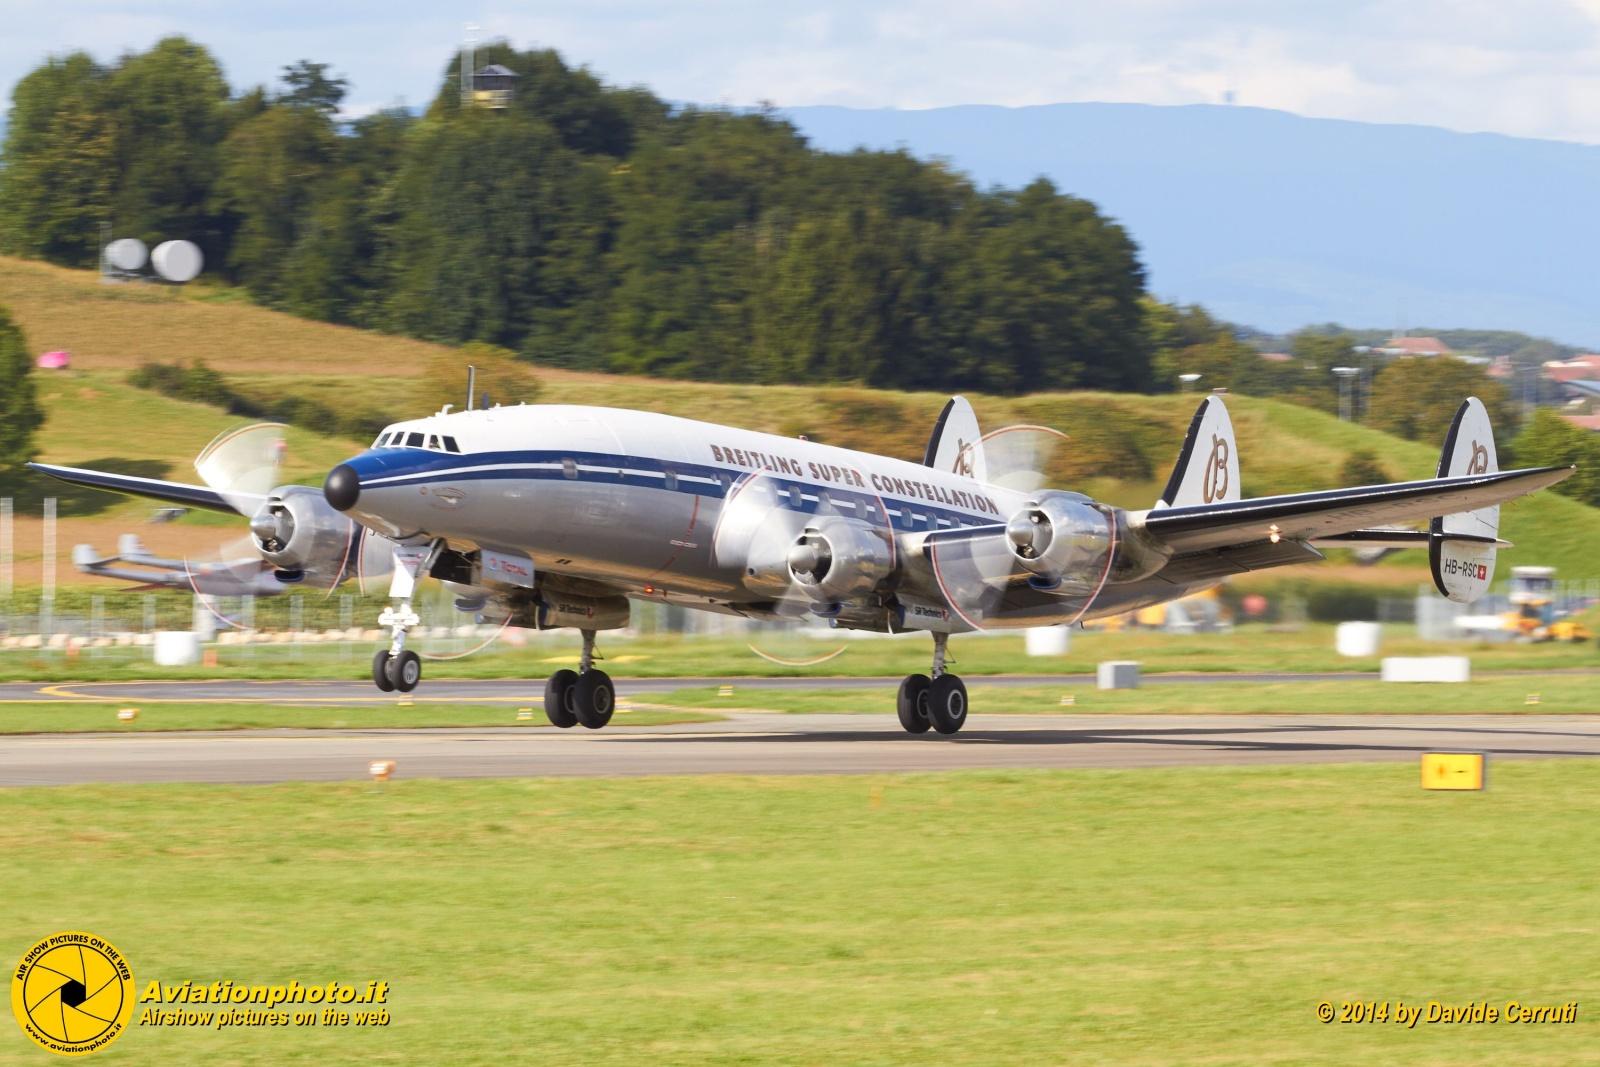 Air14 - Payer Air Base - Arrival & Rehearsal